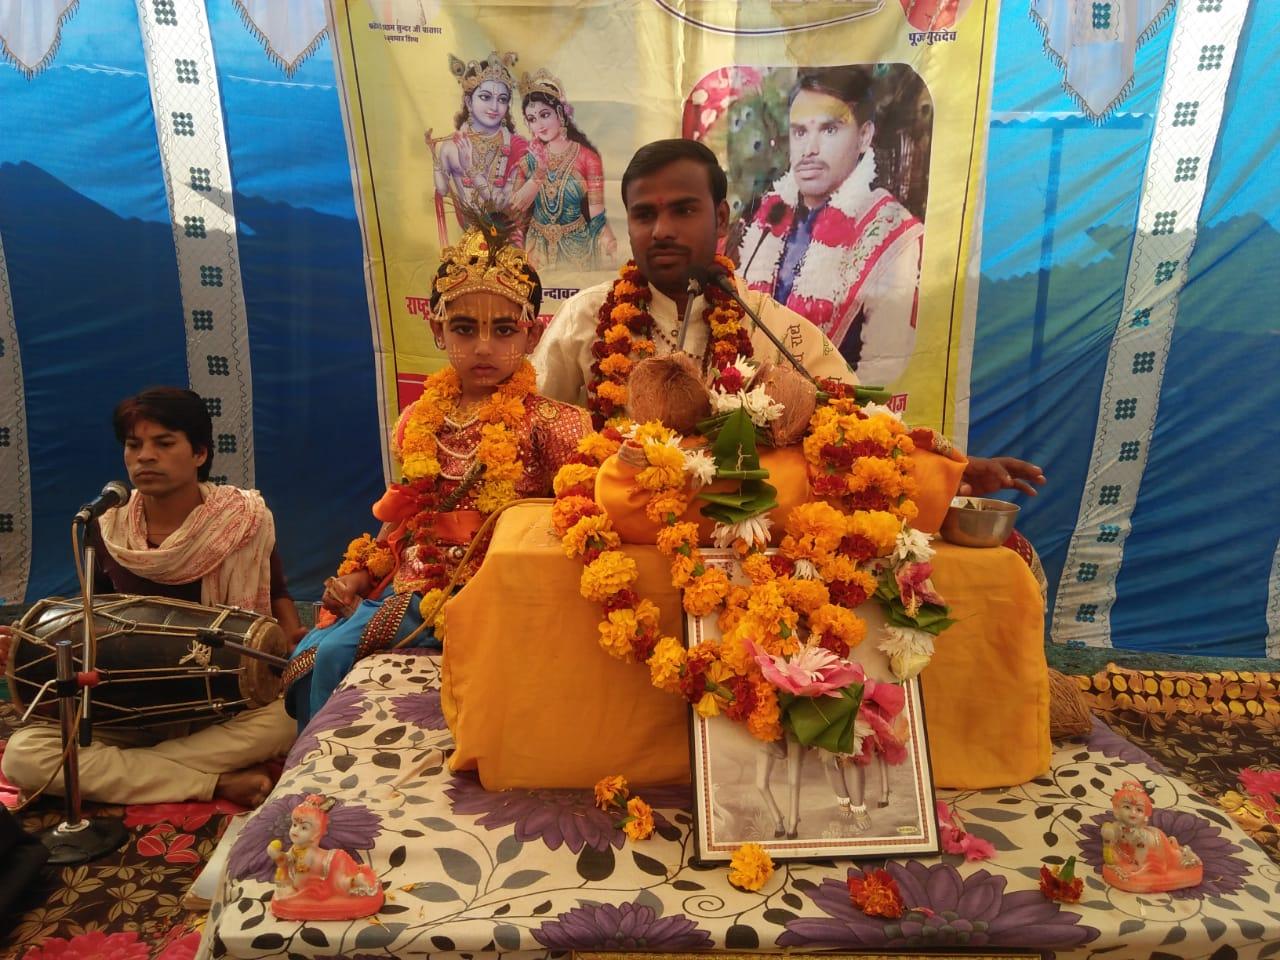 जन्म के छठवें दिन ही कृष्ण ने किया था पूतना का वध, मना जन्मोत्सव